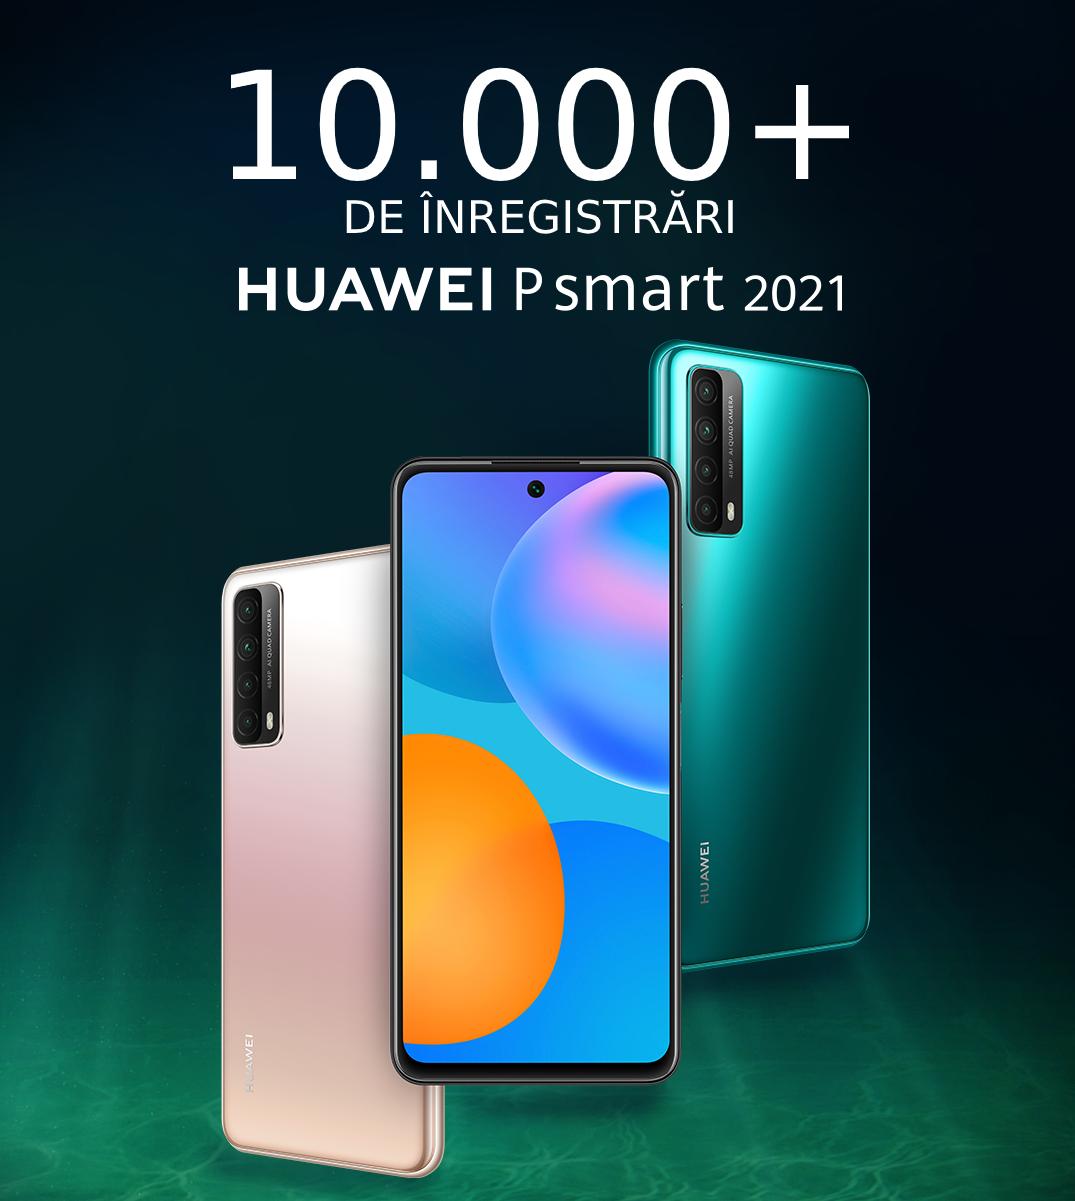 Înregistări record în campania dedicată HUAWEI P smart 2021